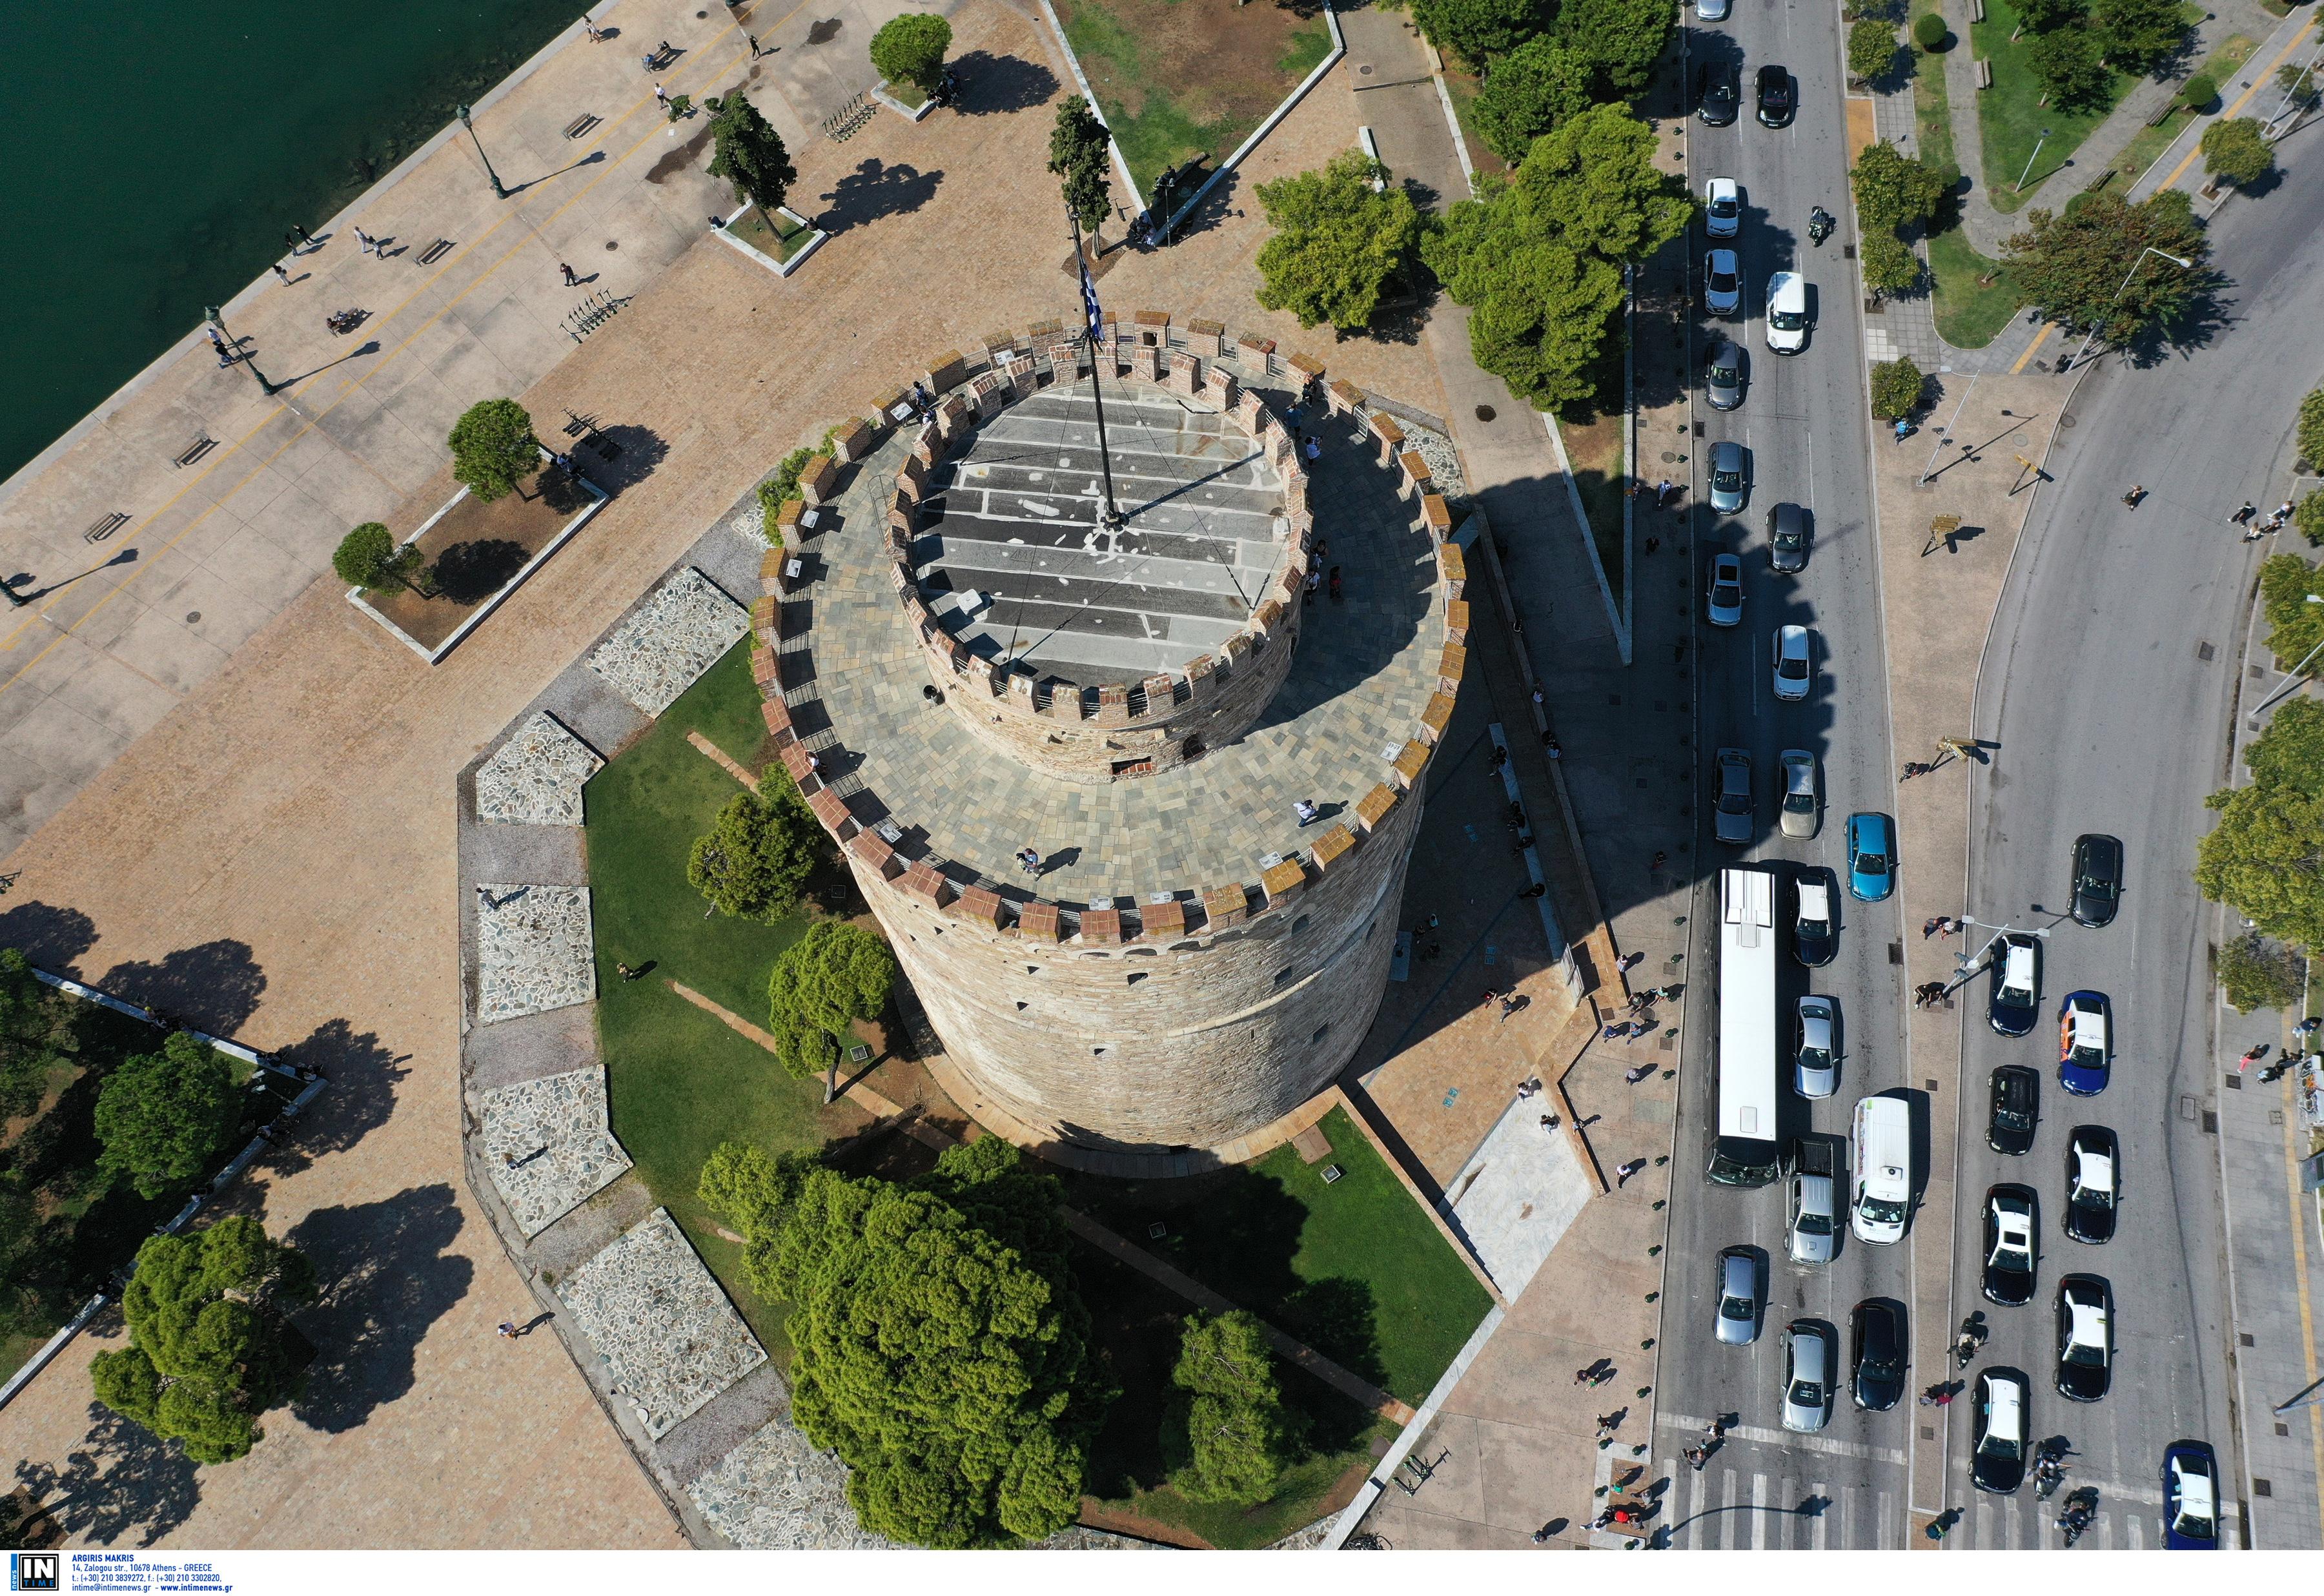 Θεσσαλονίκη: Ο Λευκός Πύργος θα φαίνεται… πορτοκαλί – Πότε και γιατί θα αλλάξει η φωταγώγησή του!